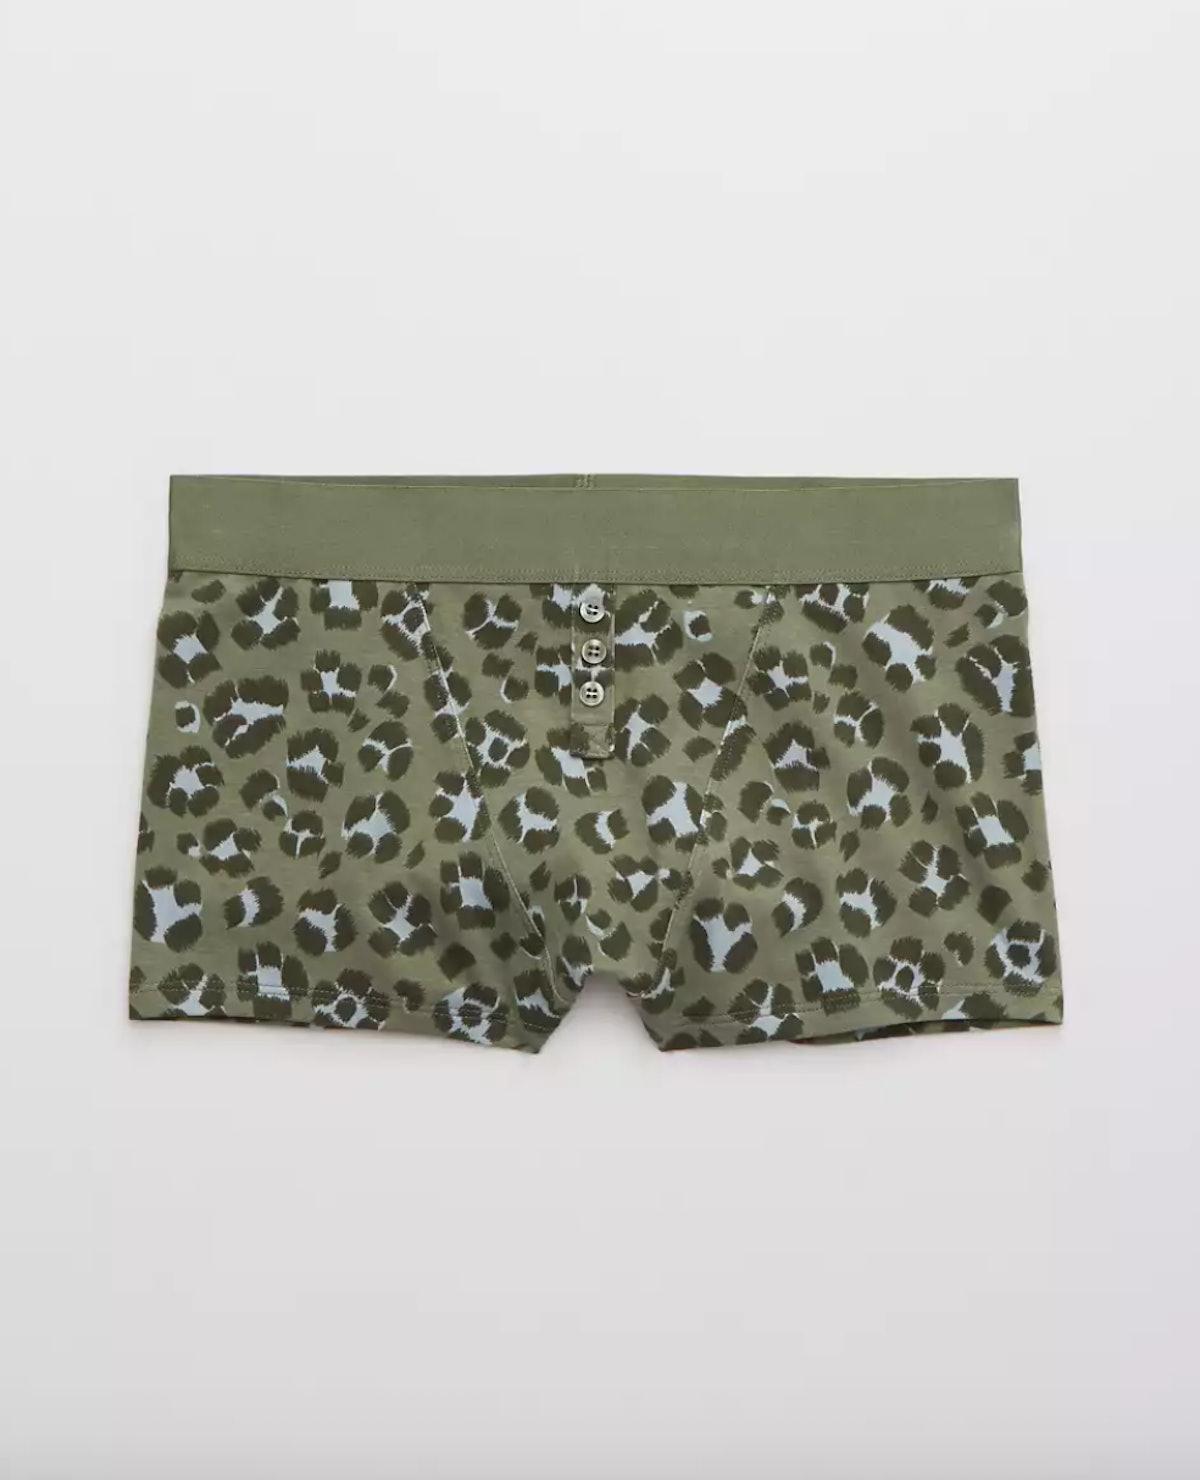 Aerie Cotton Sleep Shortie Underwear